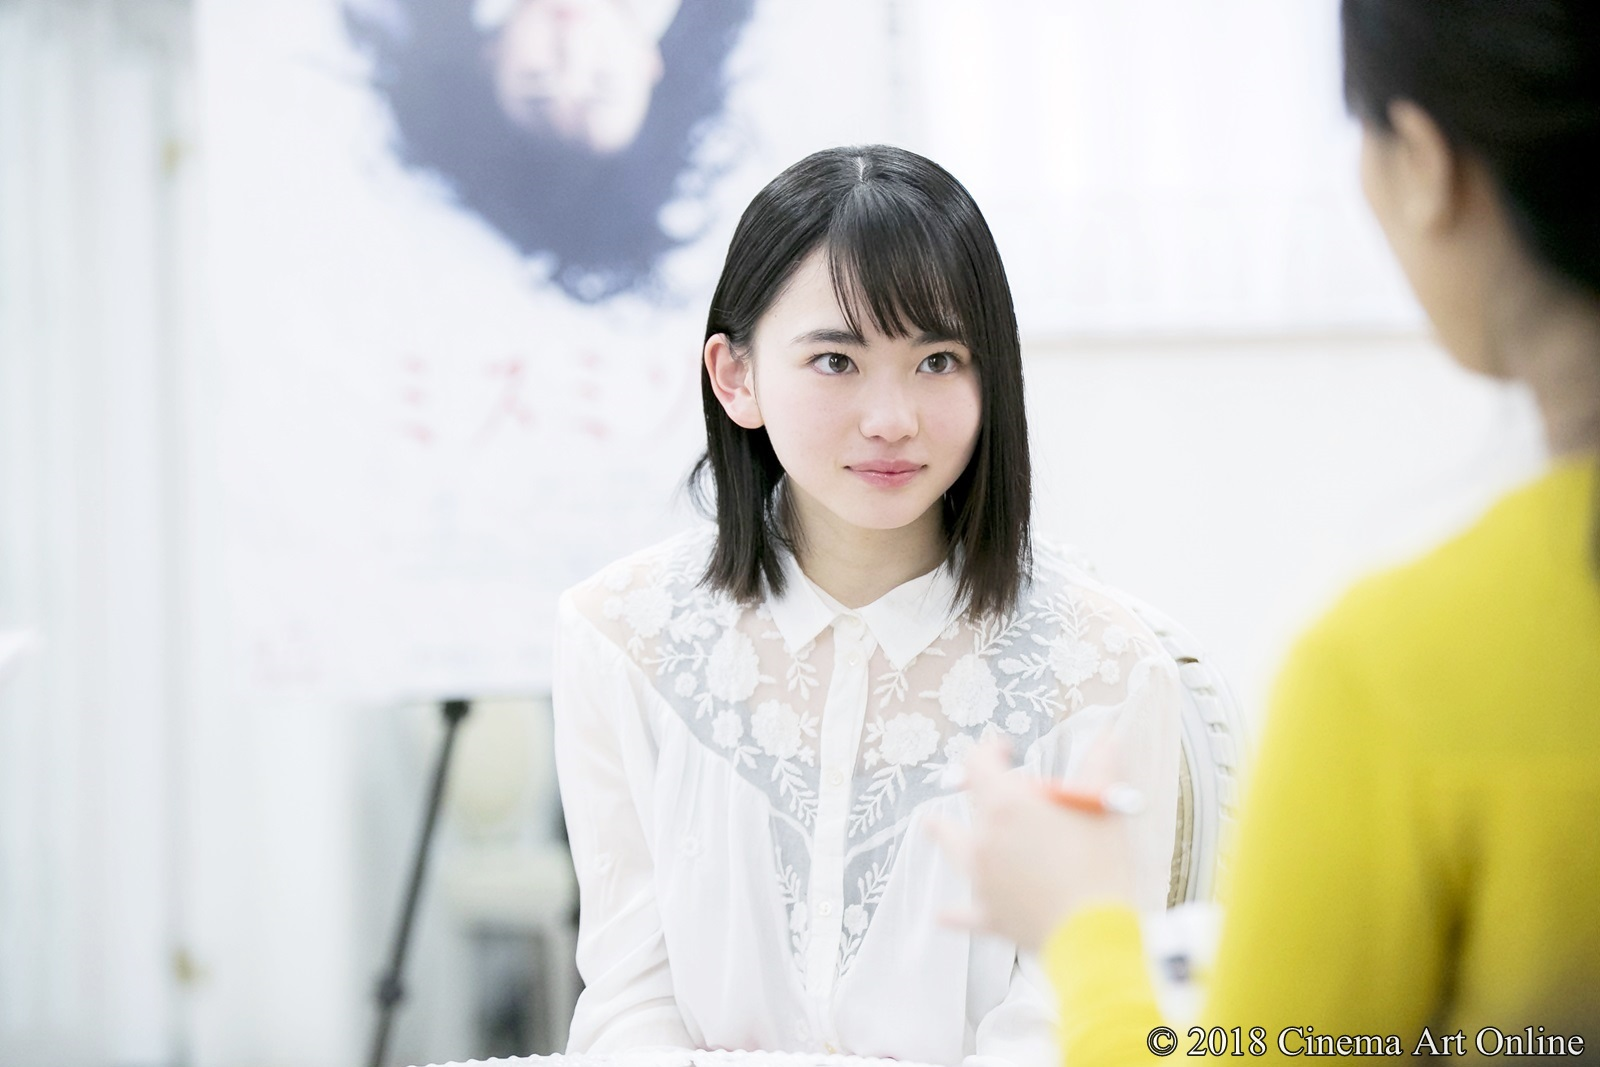 【写真】山田 杏奈 (やまだ あんな) インタビュー